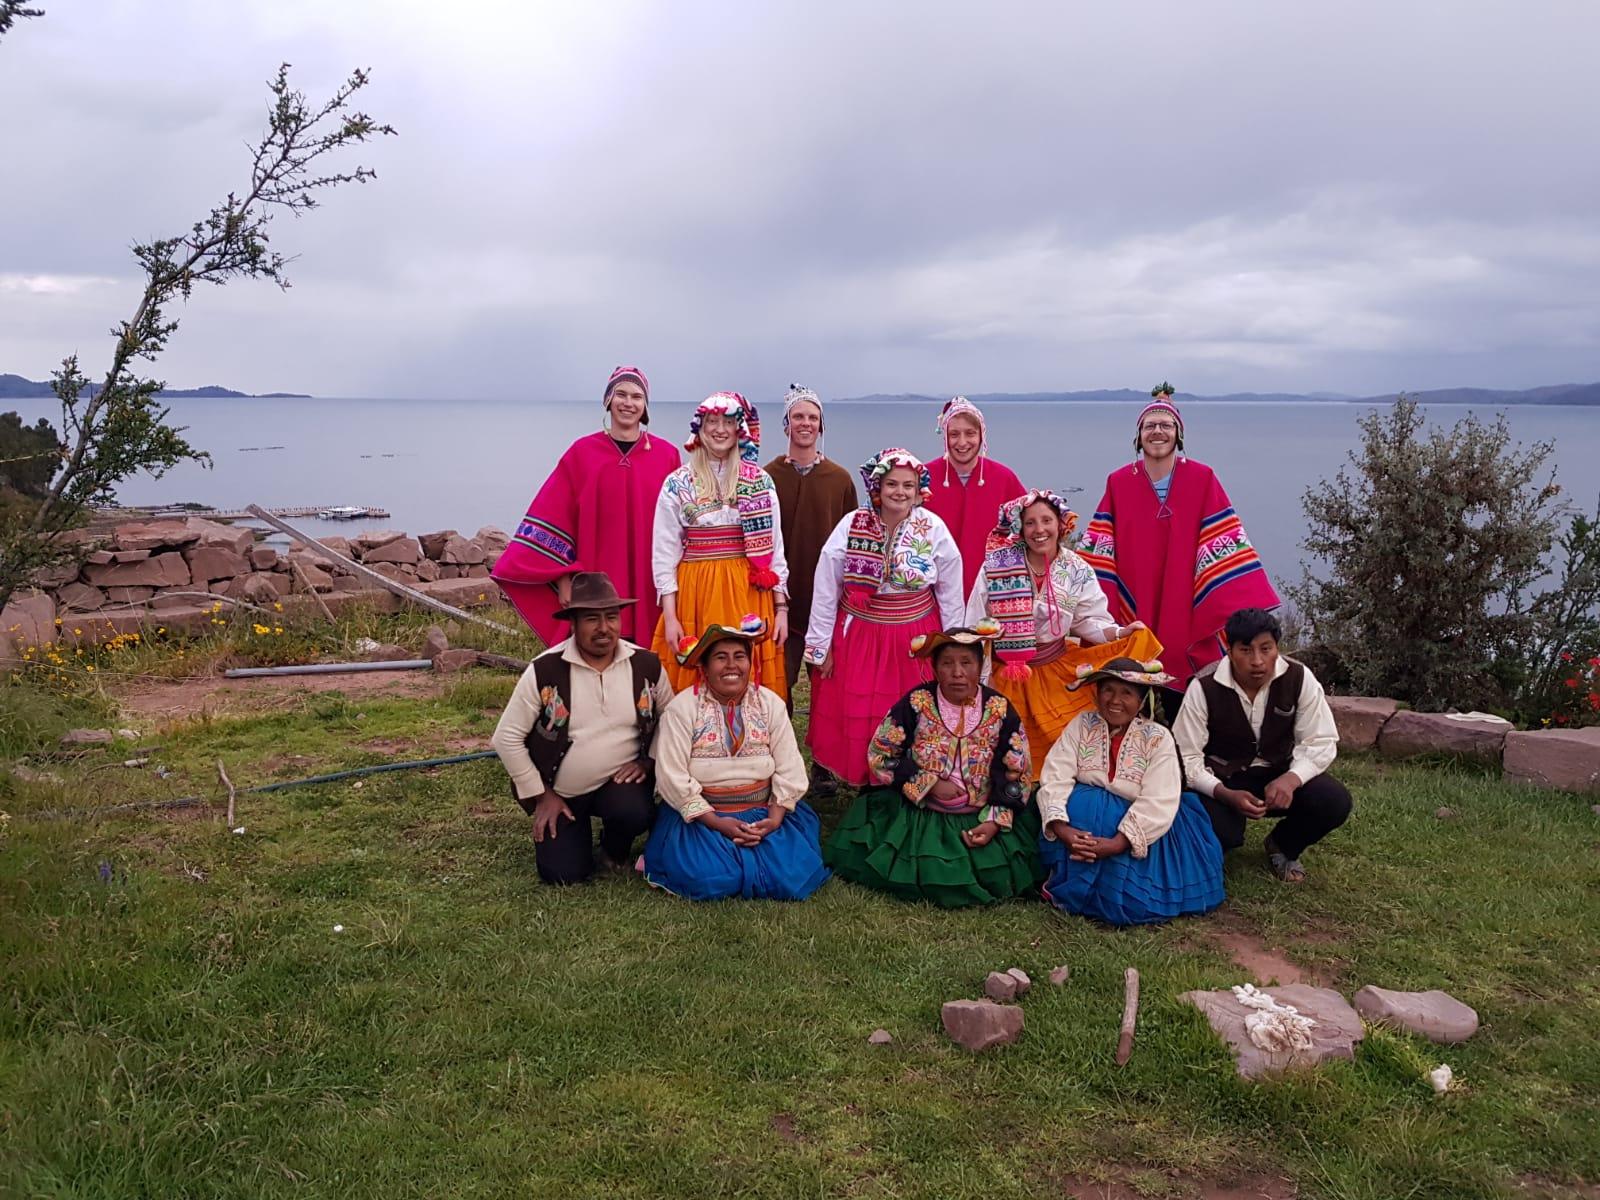 Zusammen mit den Uros - dem indigenen Volk des Titicacasees.